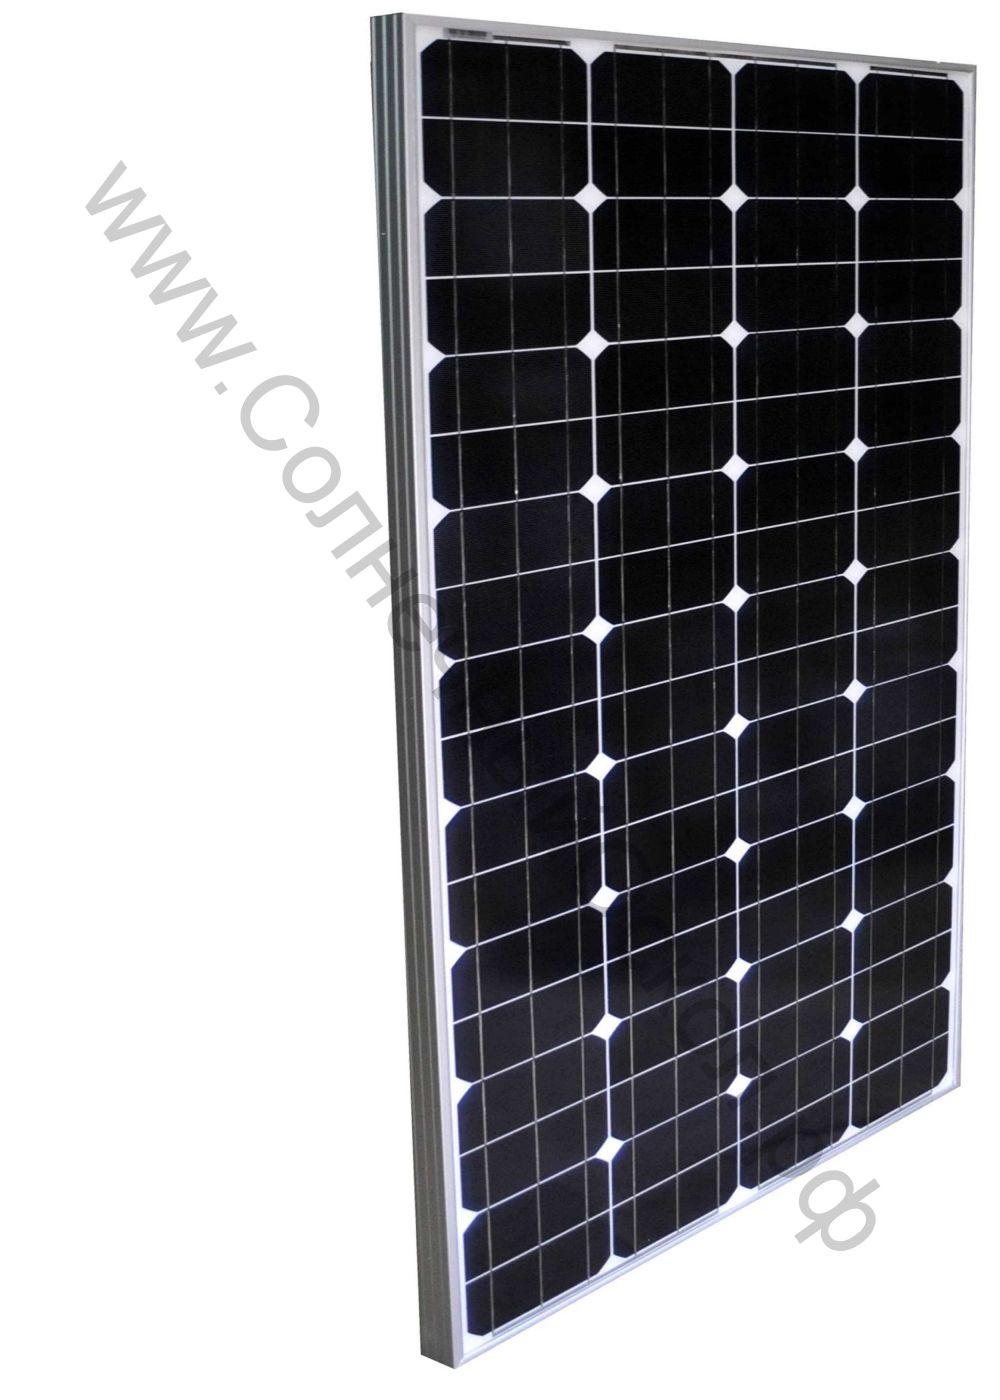 Монокристаллическая солнечная панель WDNY-185C